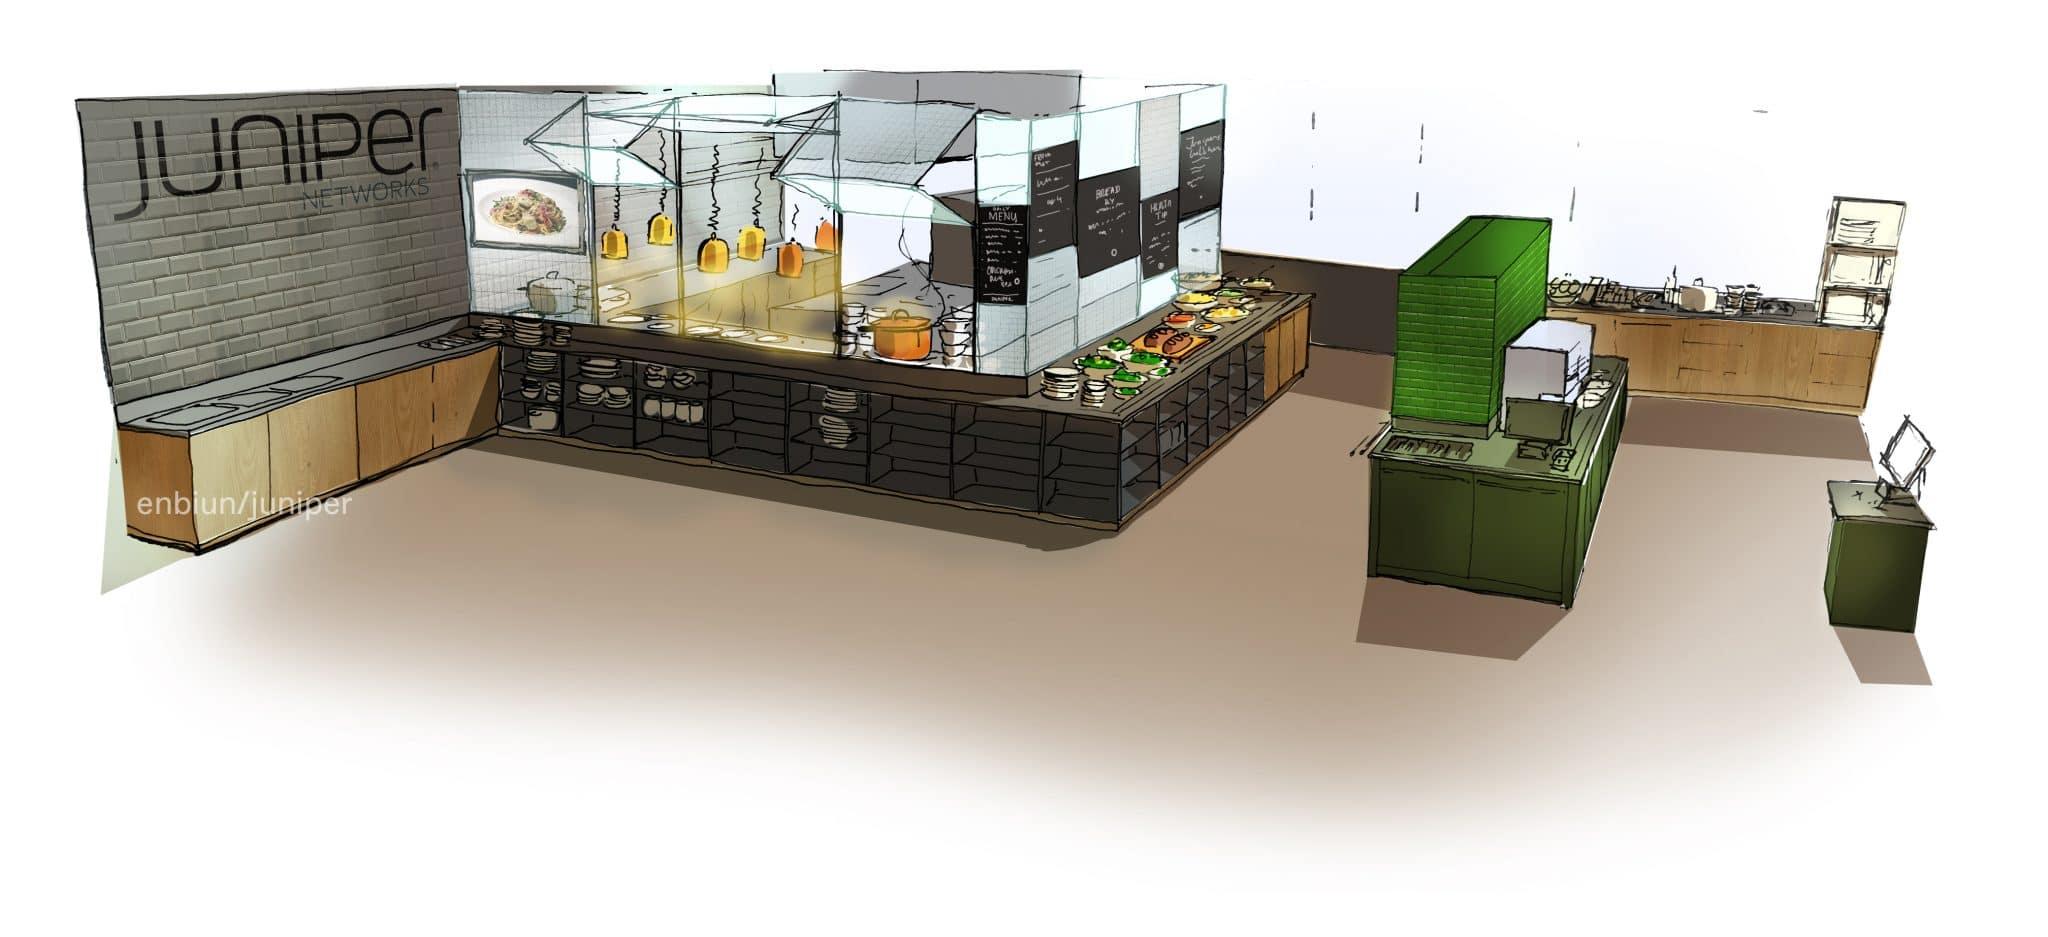 food concept enbiun sketch juniper